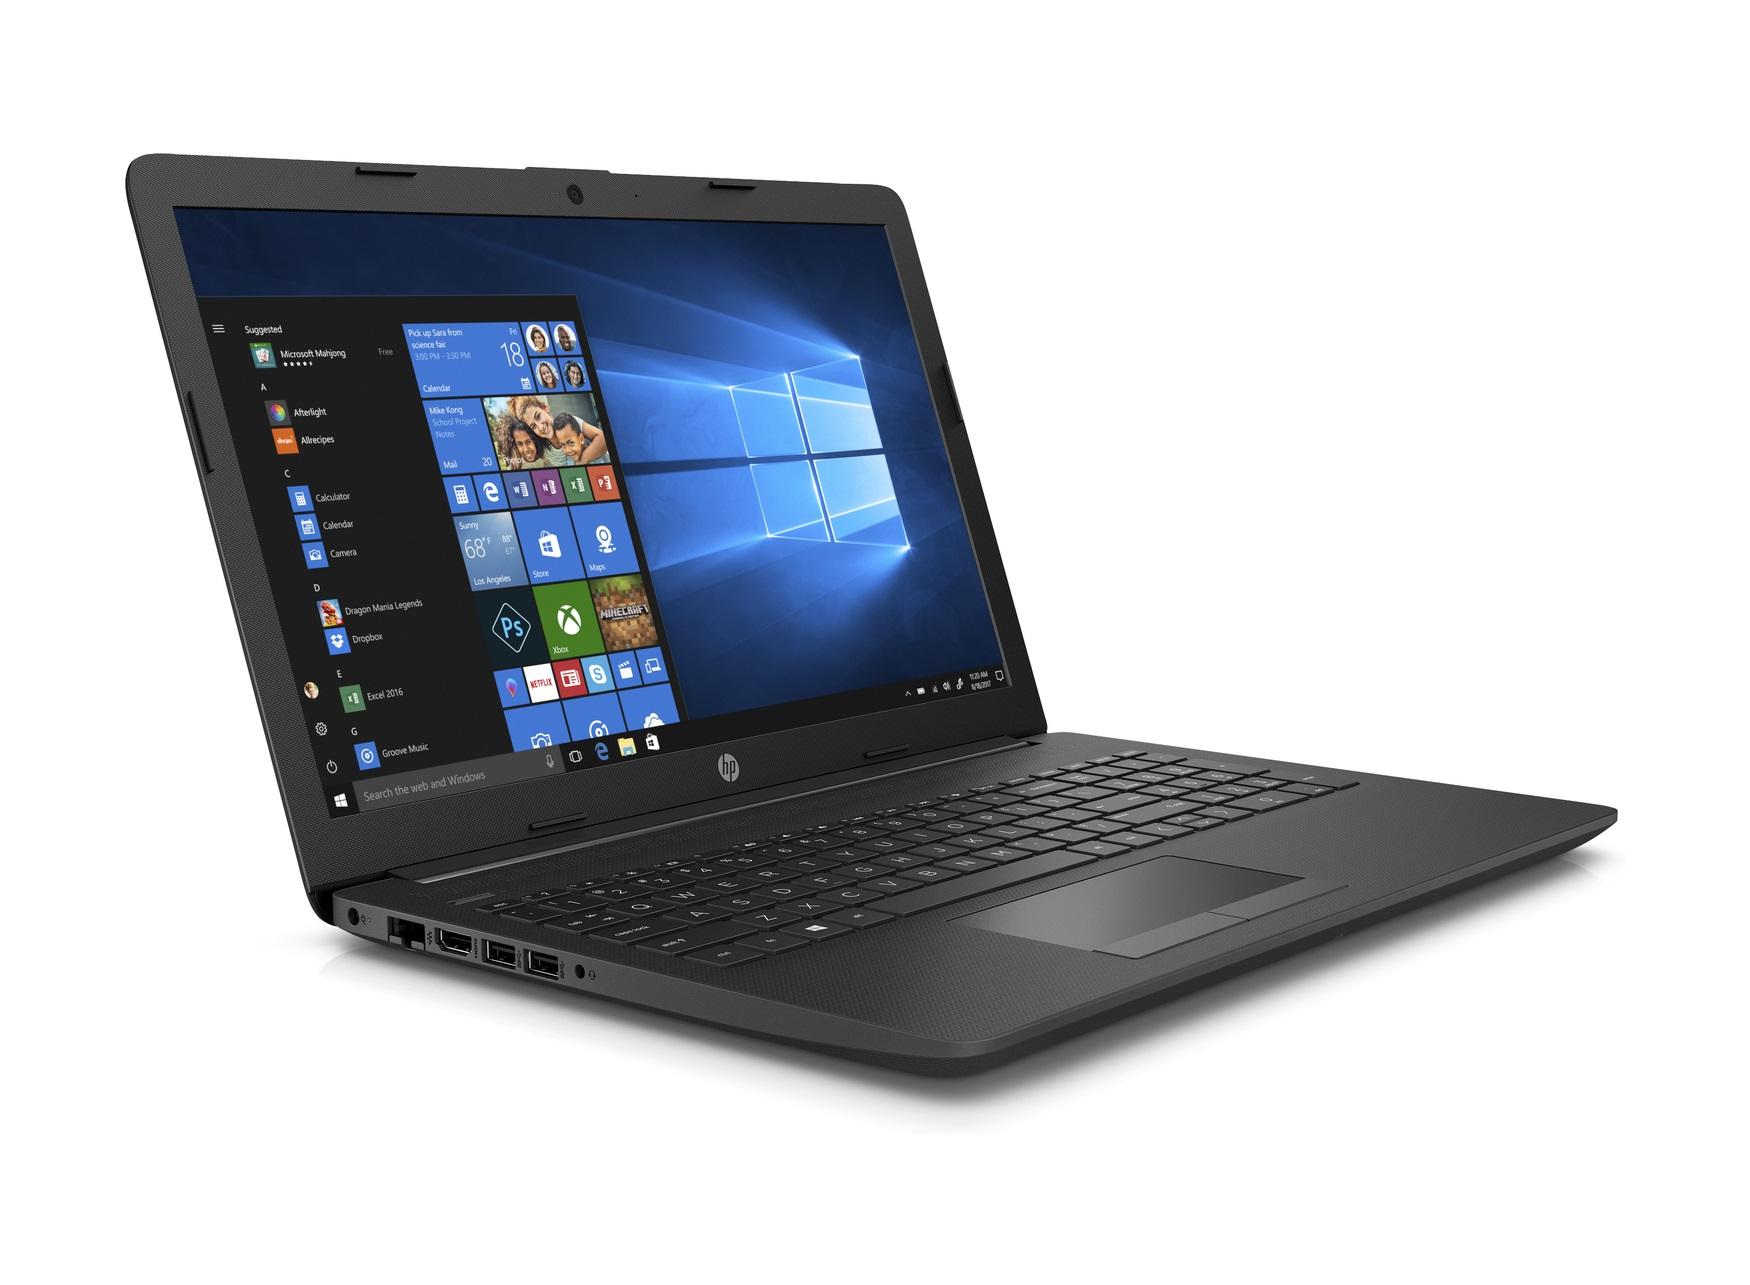 Notebook economico HP 255 G7 in offerta: da Carrefour al prezzo di 359 euro!